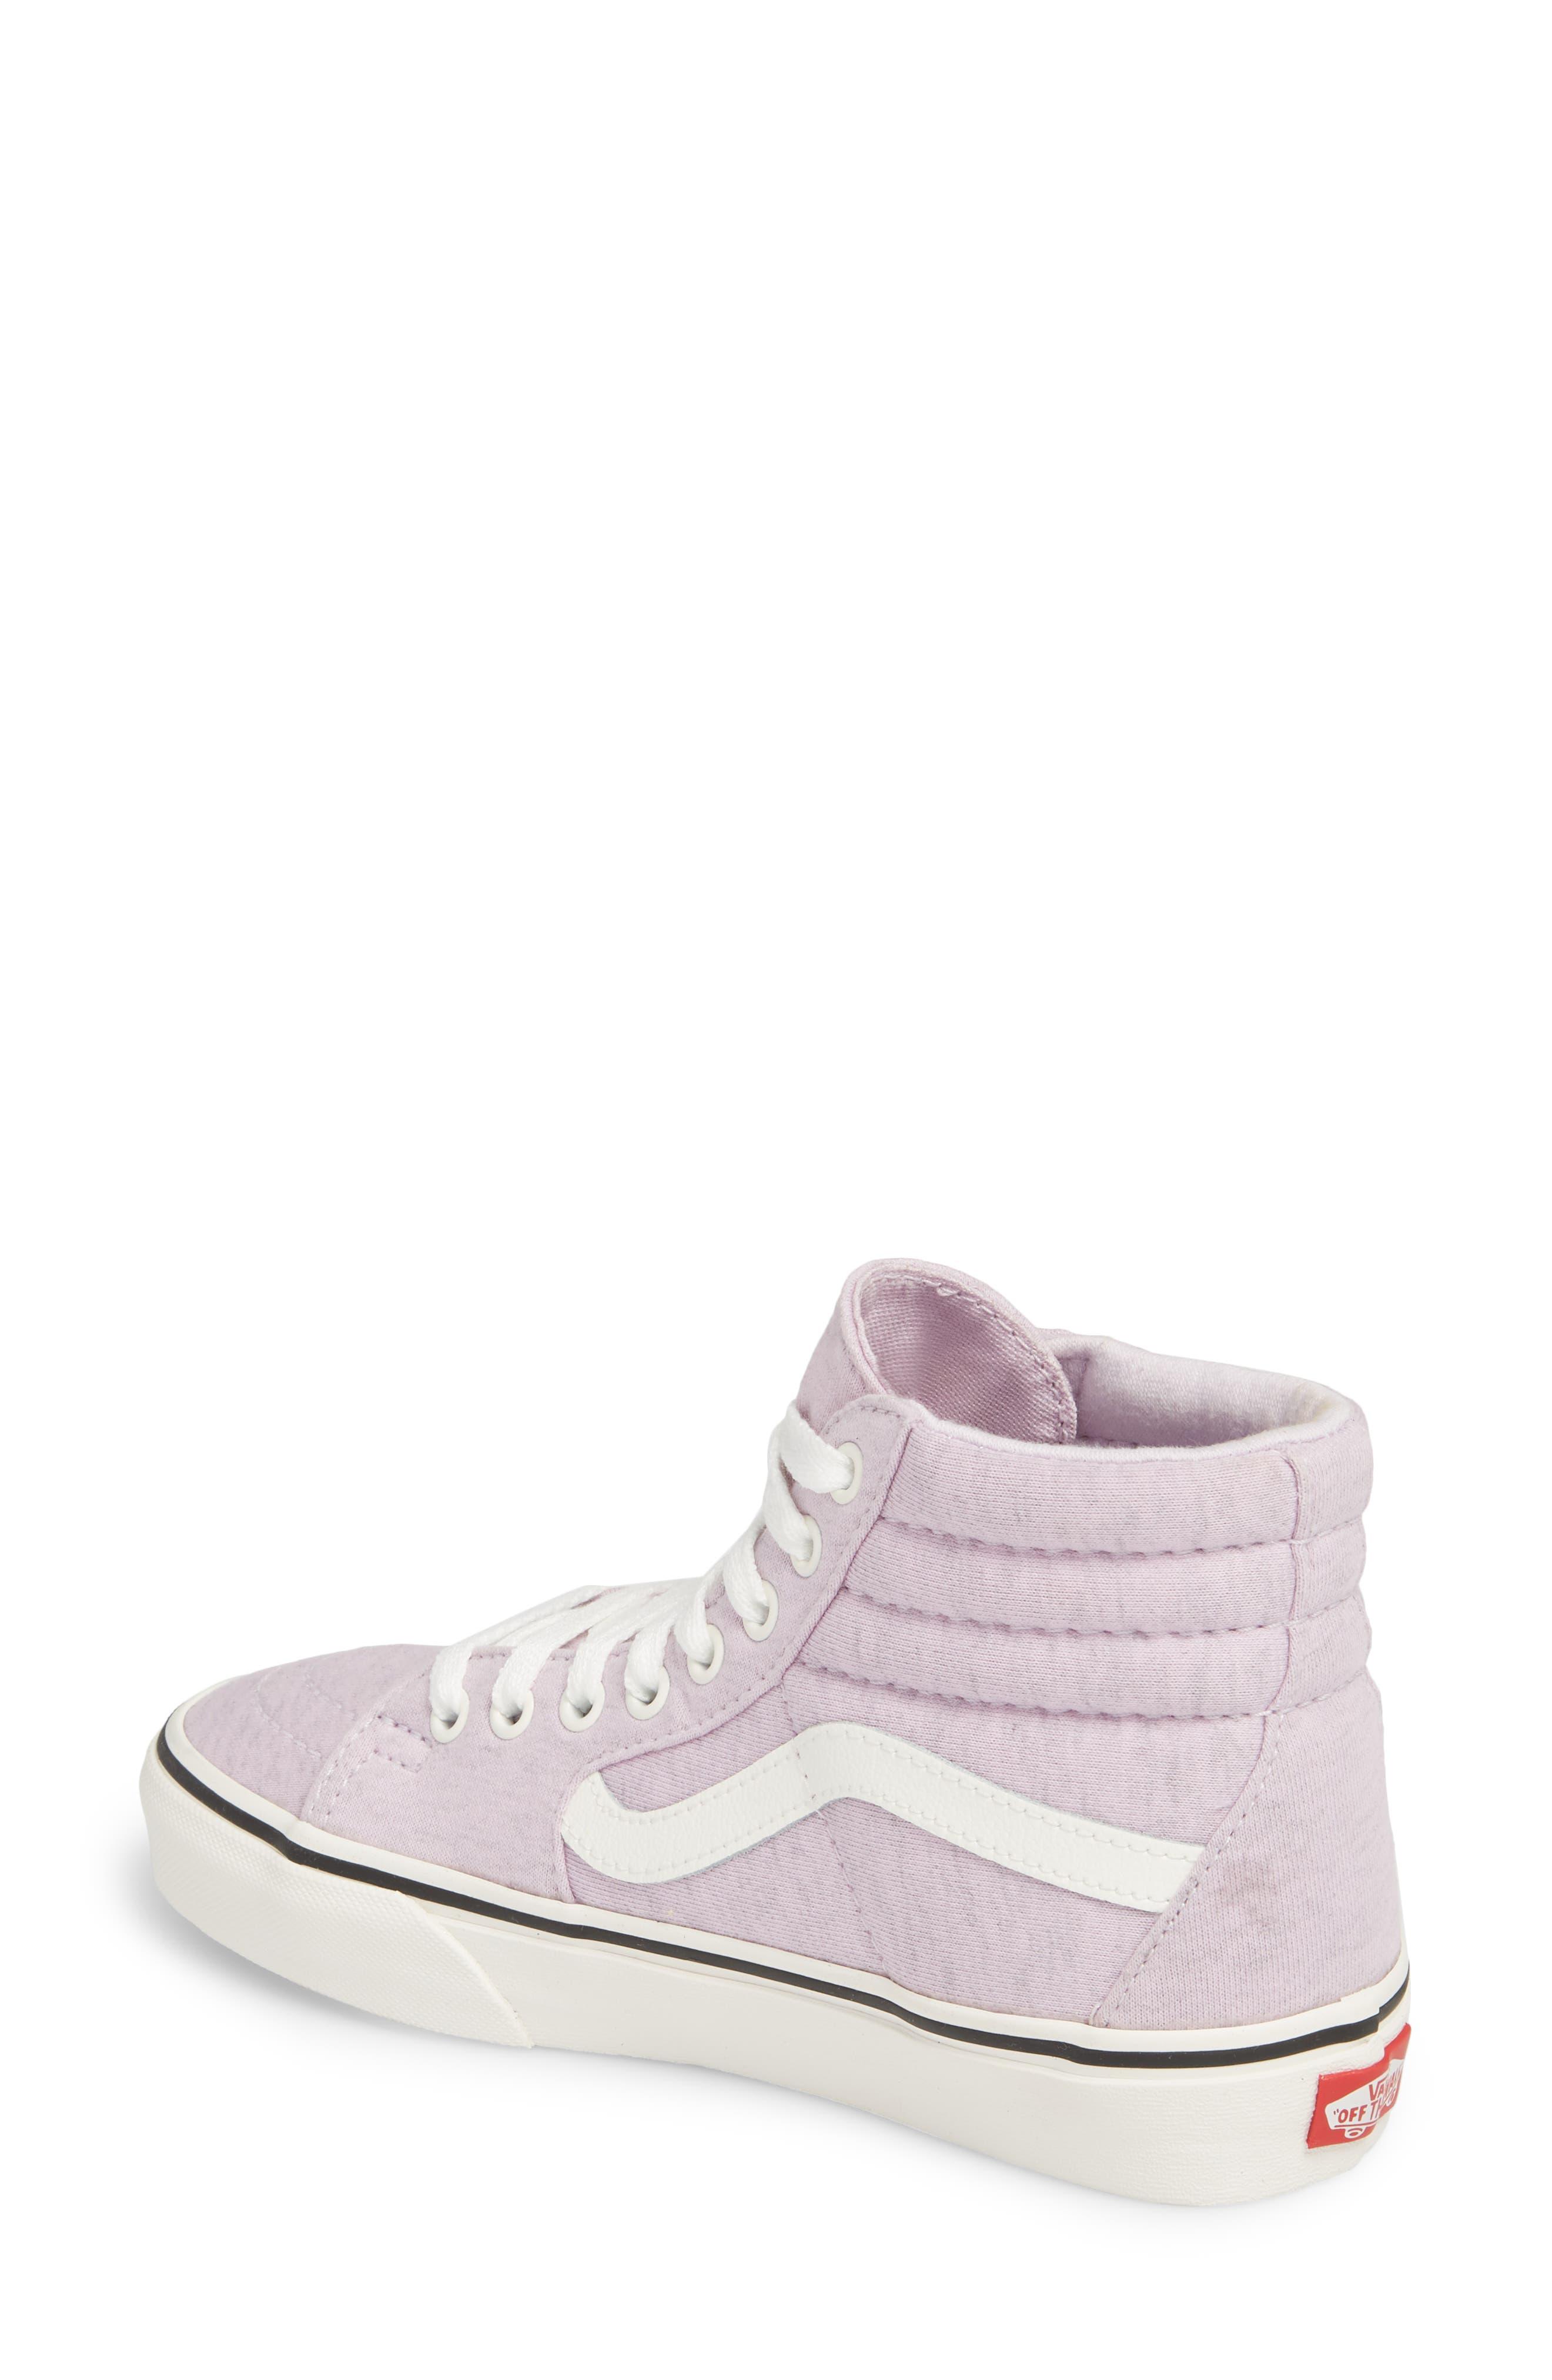 'Sk8-Hi' Sneaker,                             Alternate thumbnail 2, color,                             Lavender Fog/ Snow White